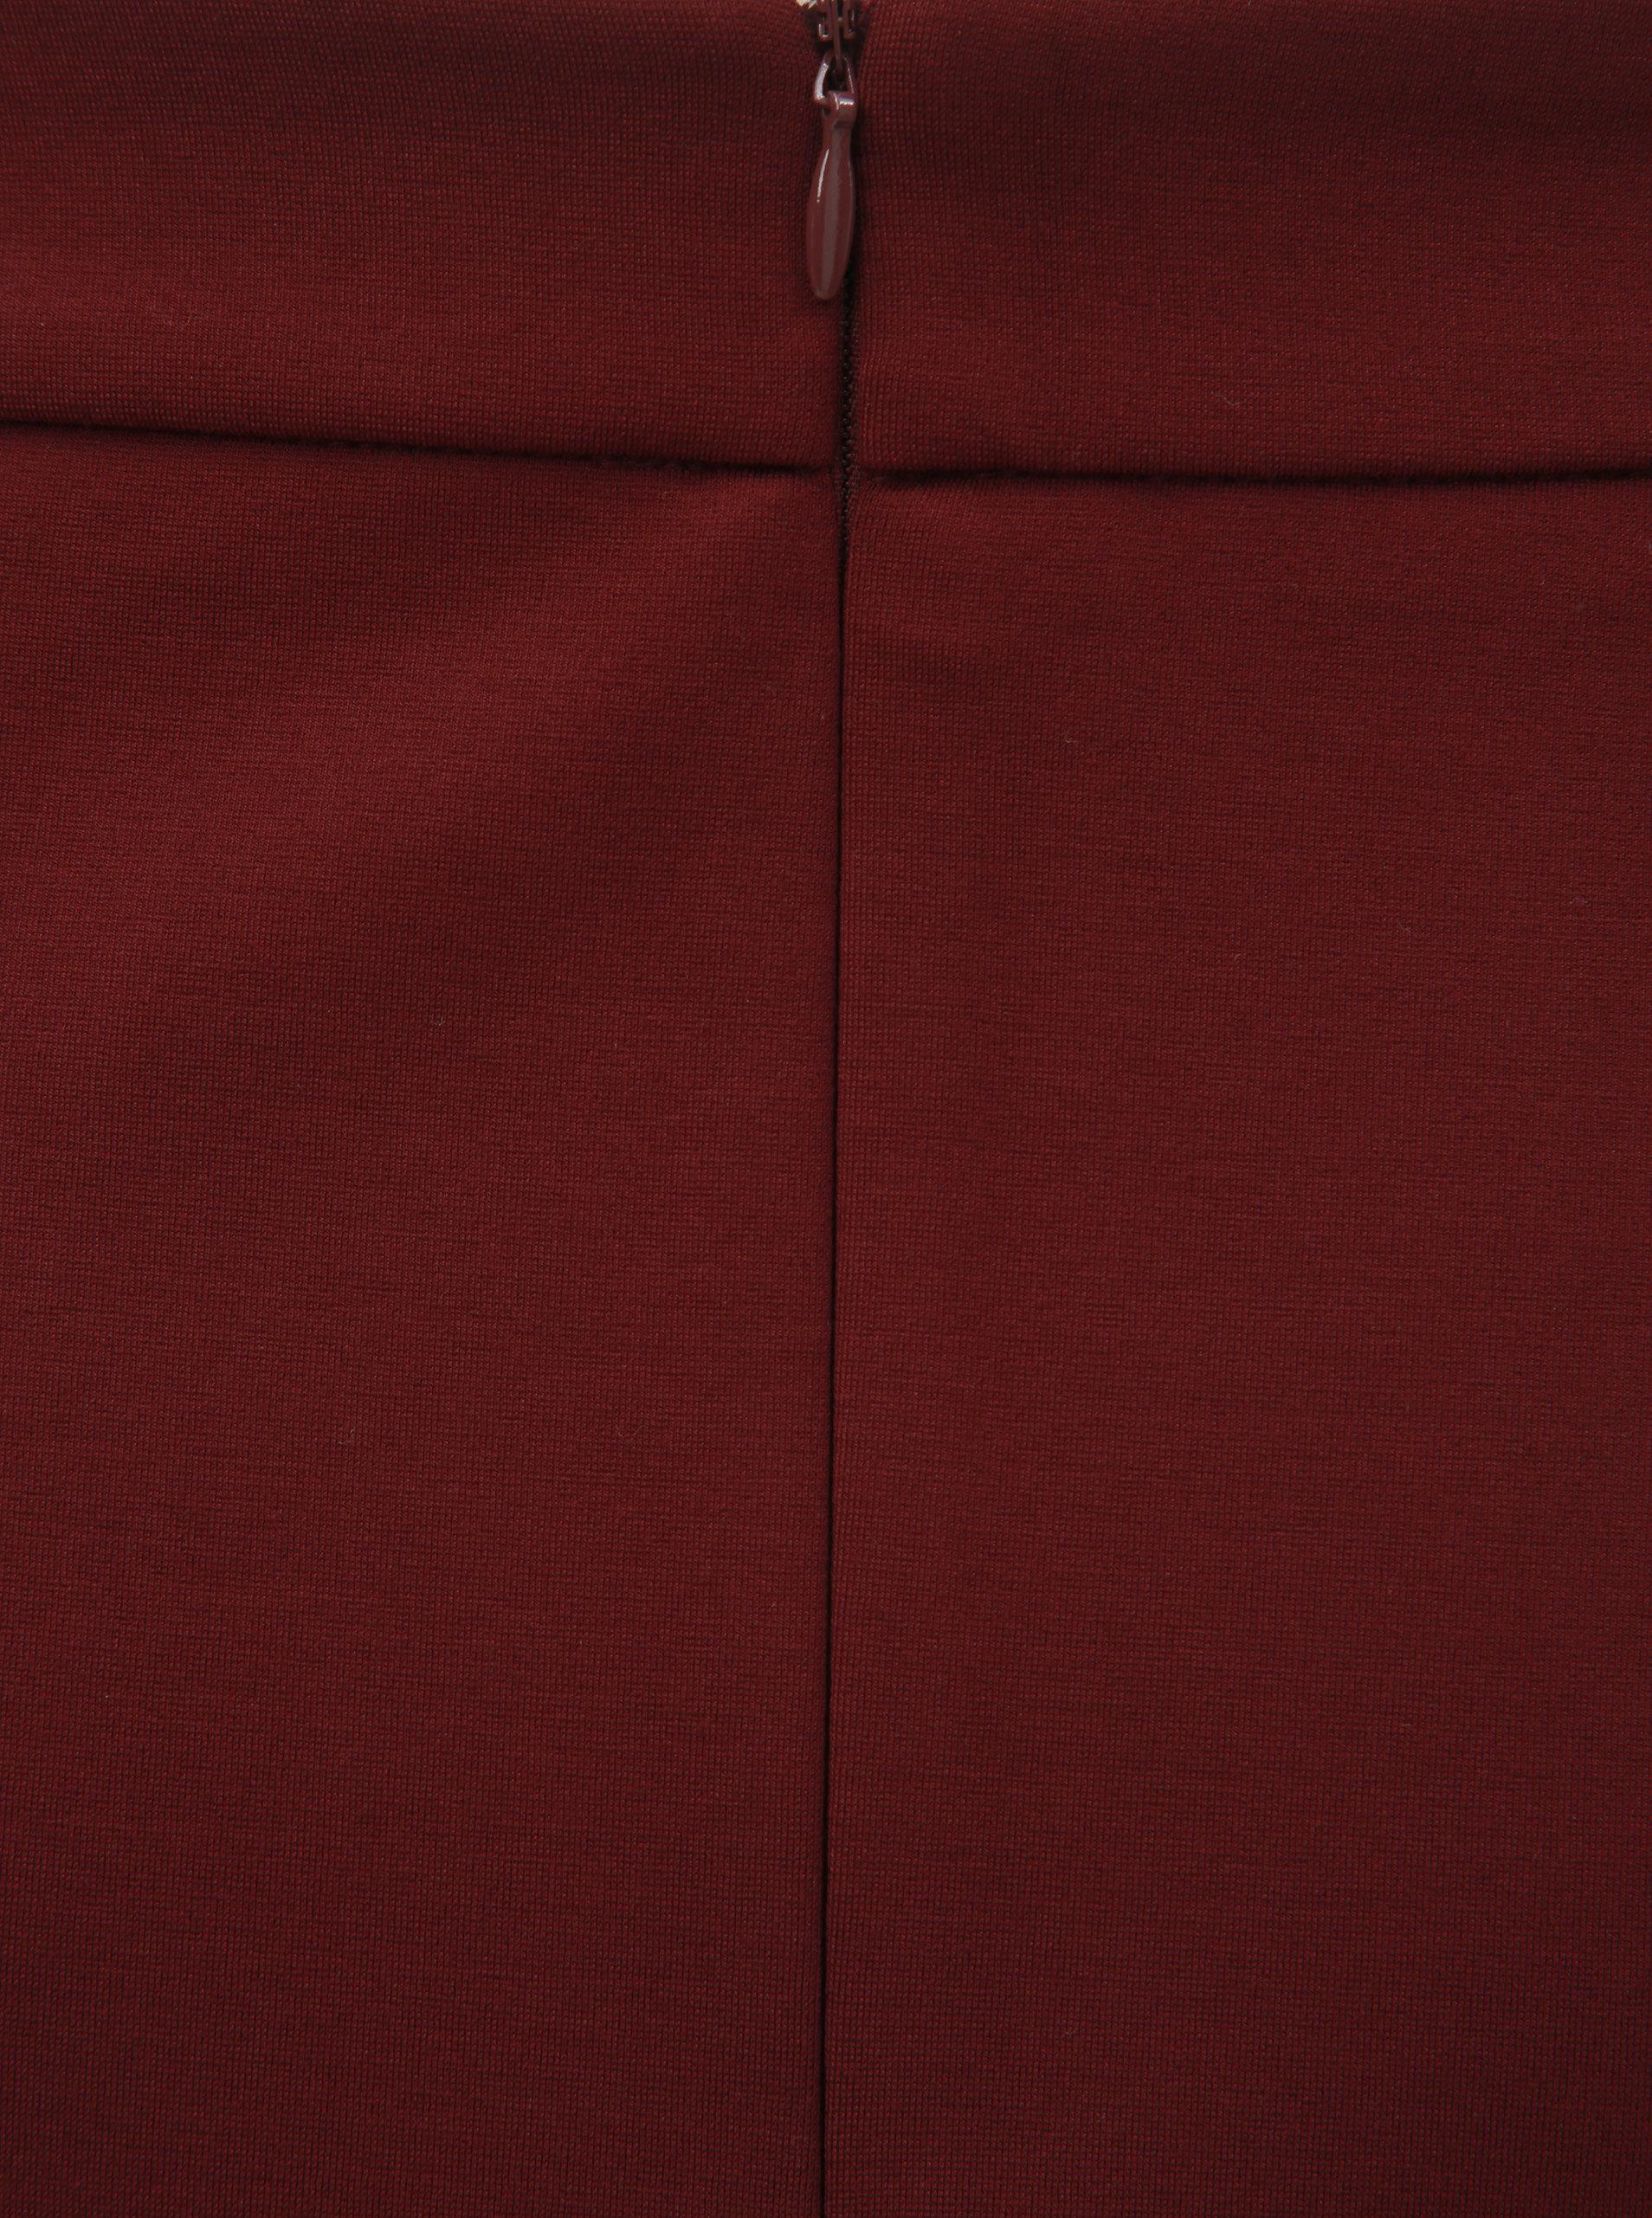 868a98c72550 Vínová áčková sukně s detaily ve zlaté barvě Dorothy Perkins ...